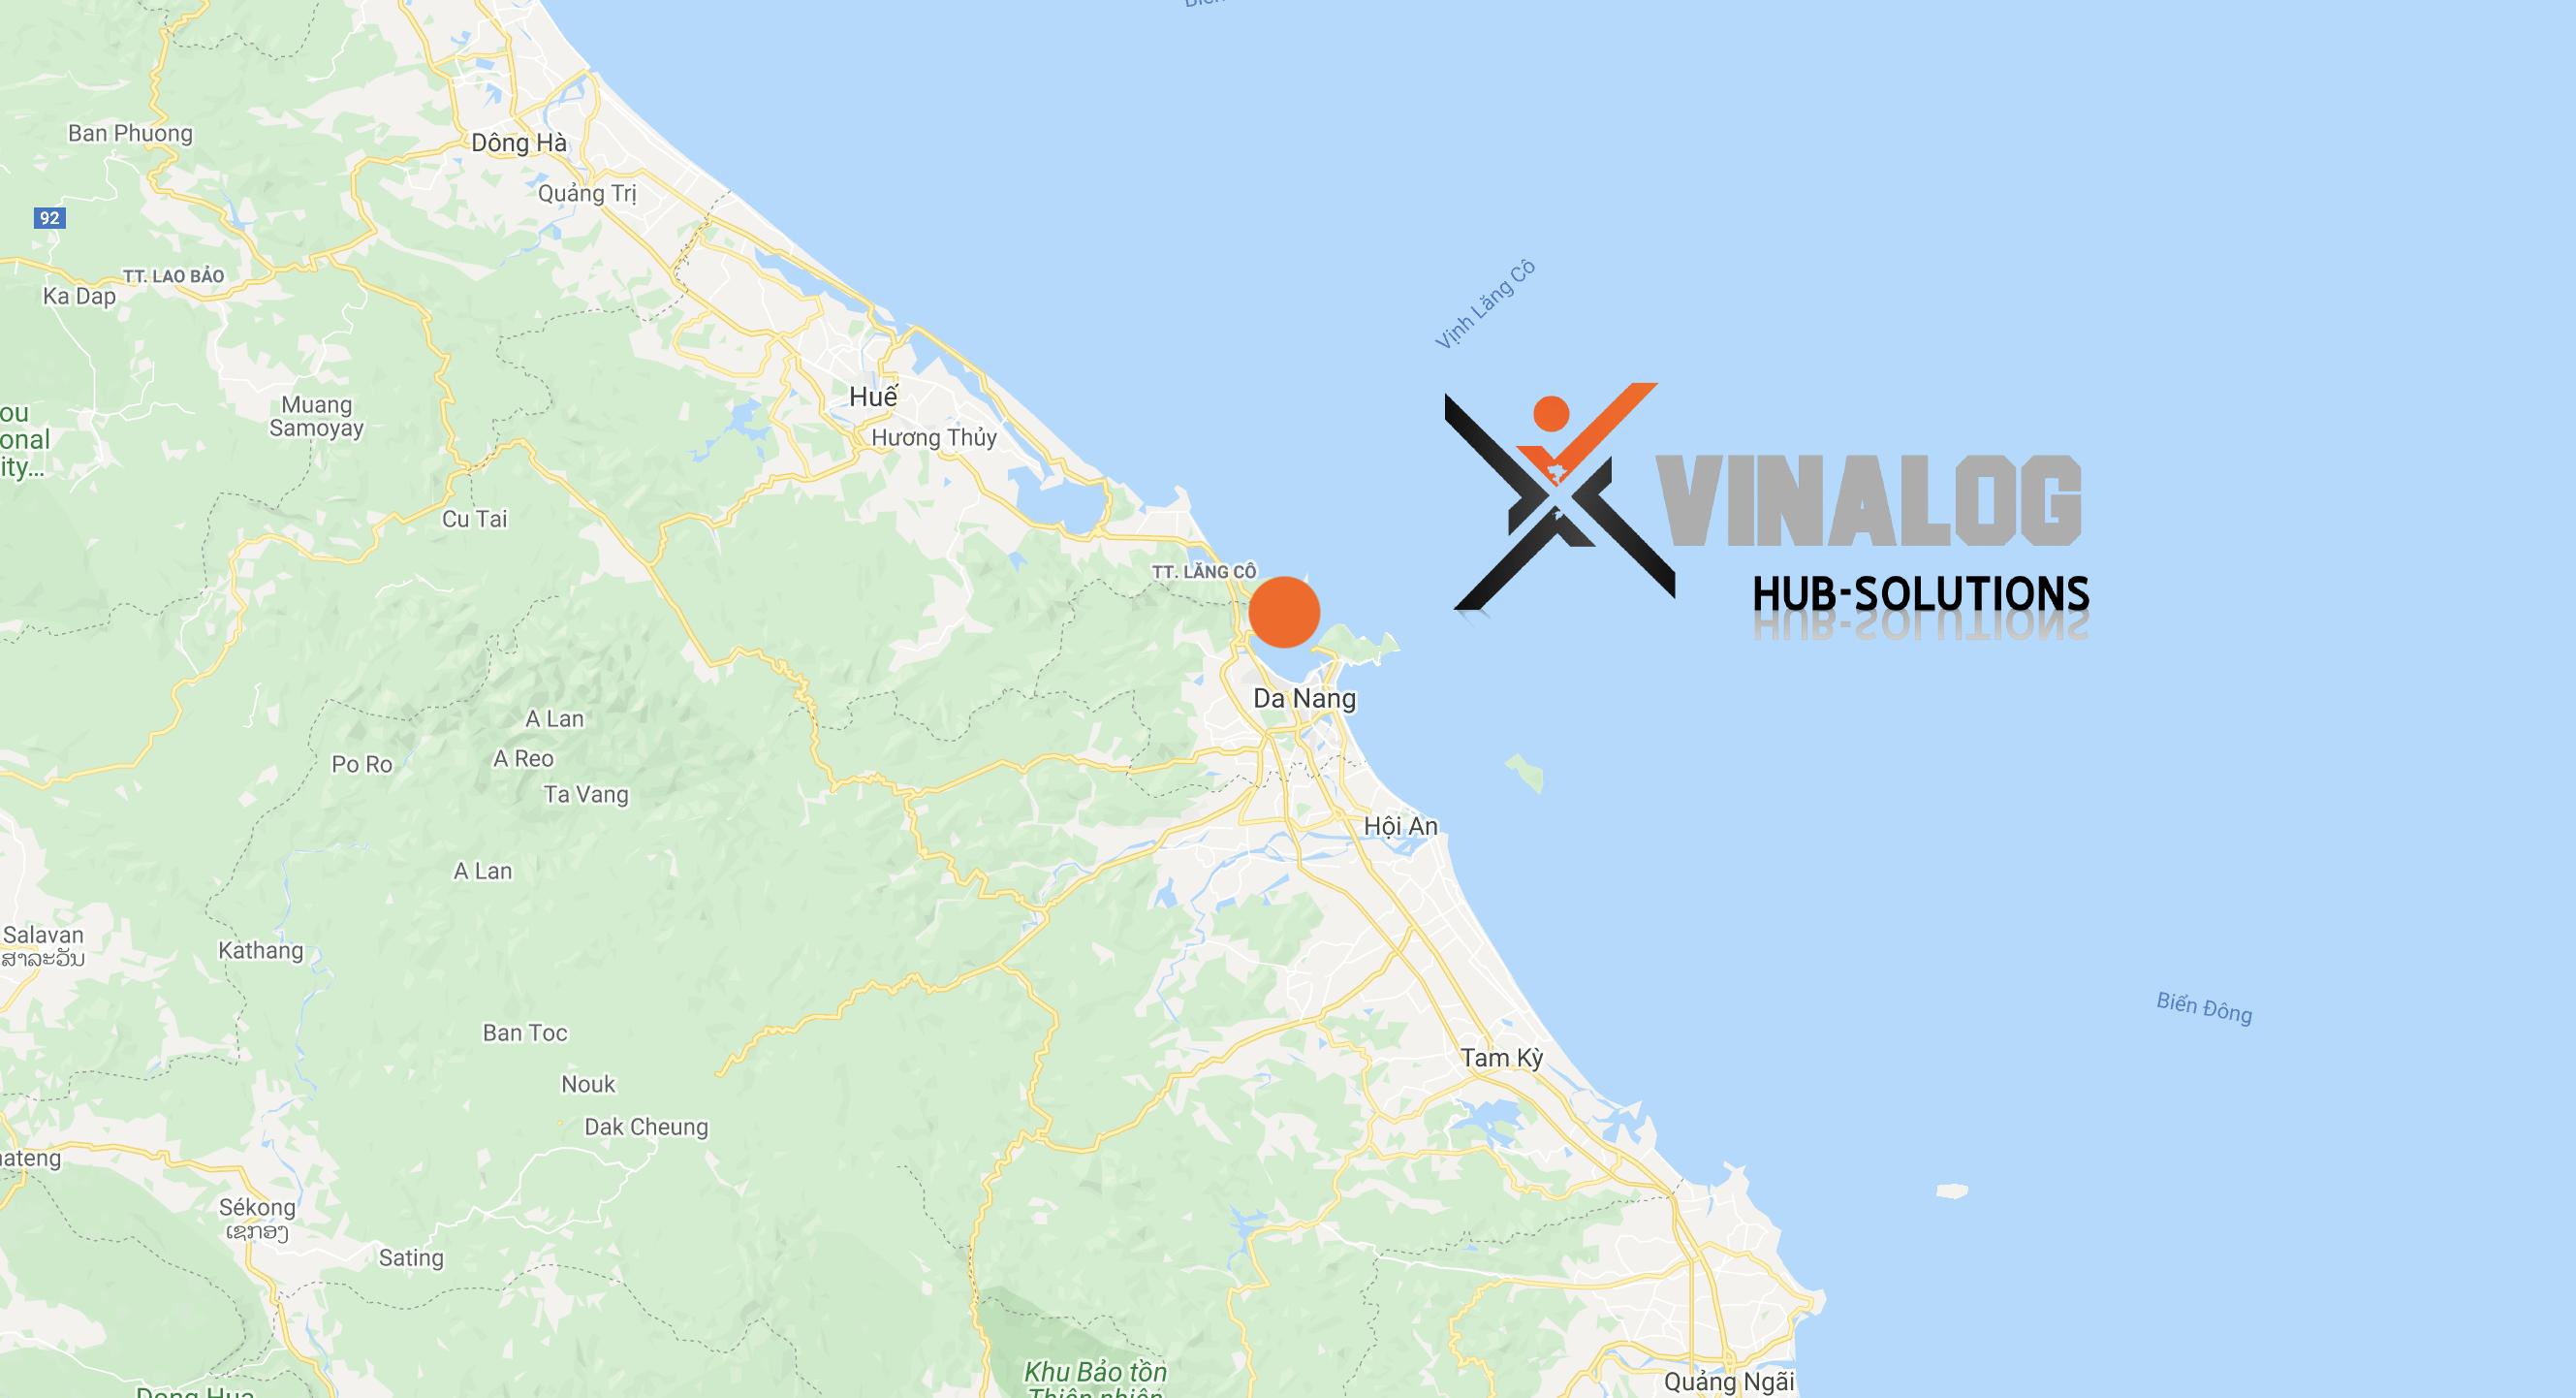 Vinalog-HS DEEP SEA DA NANG